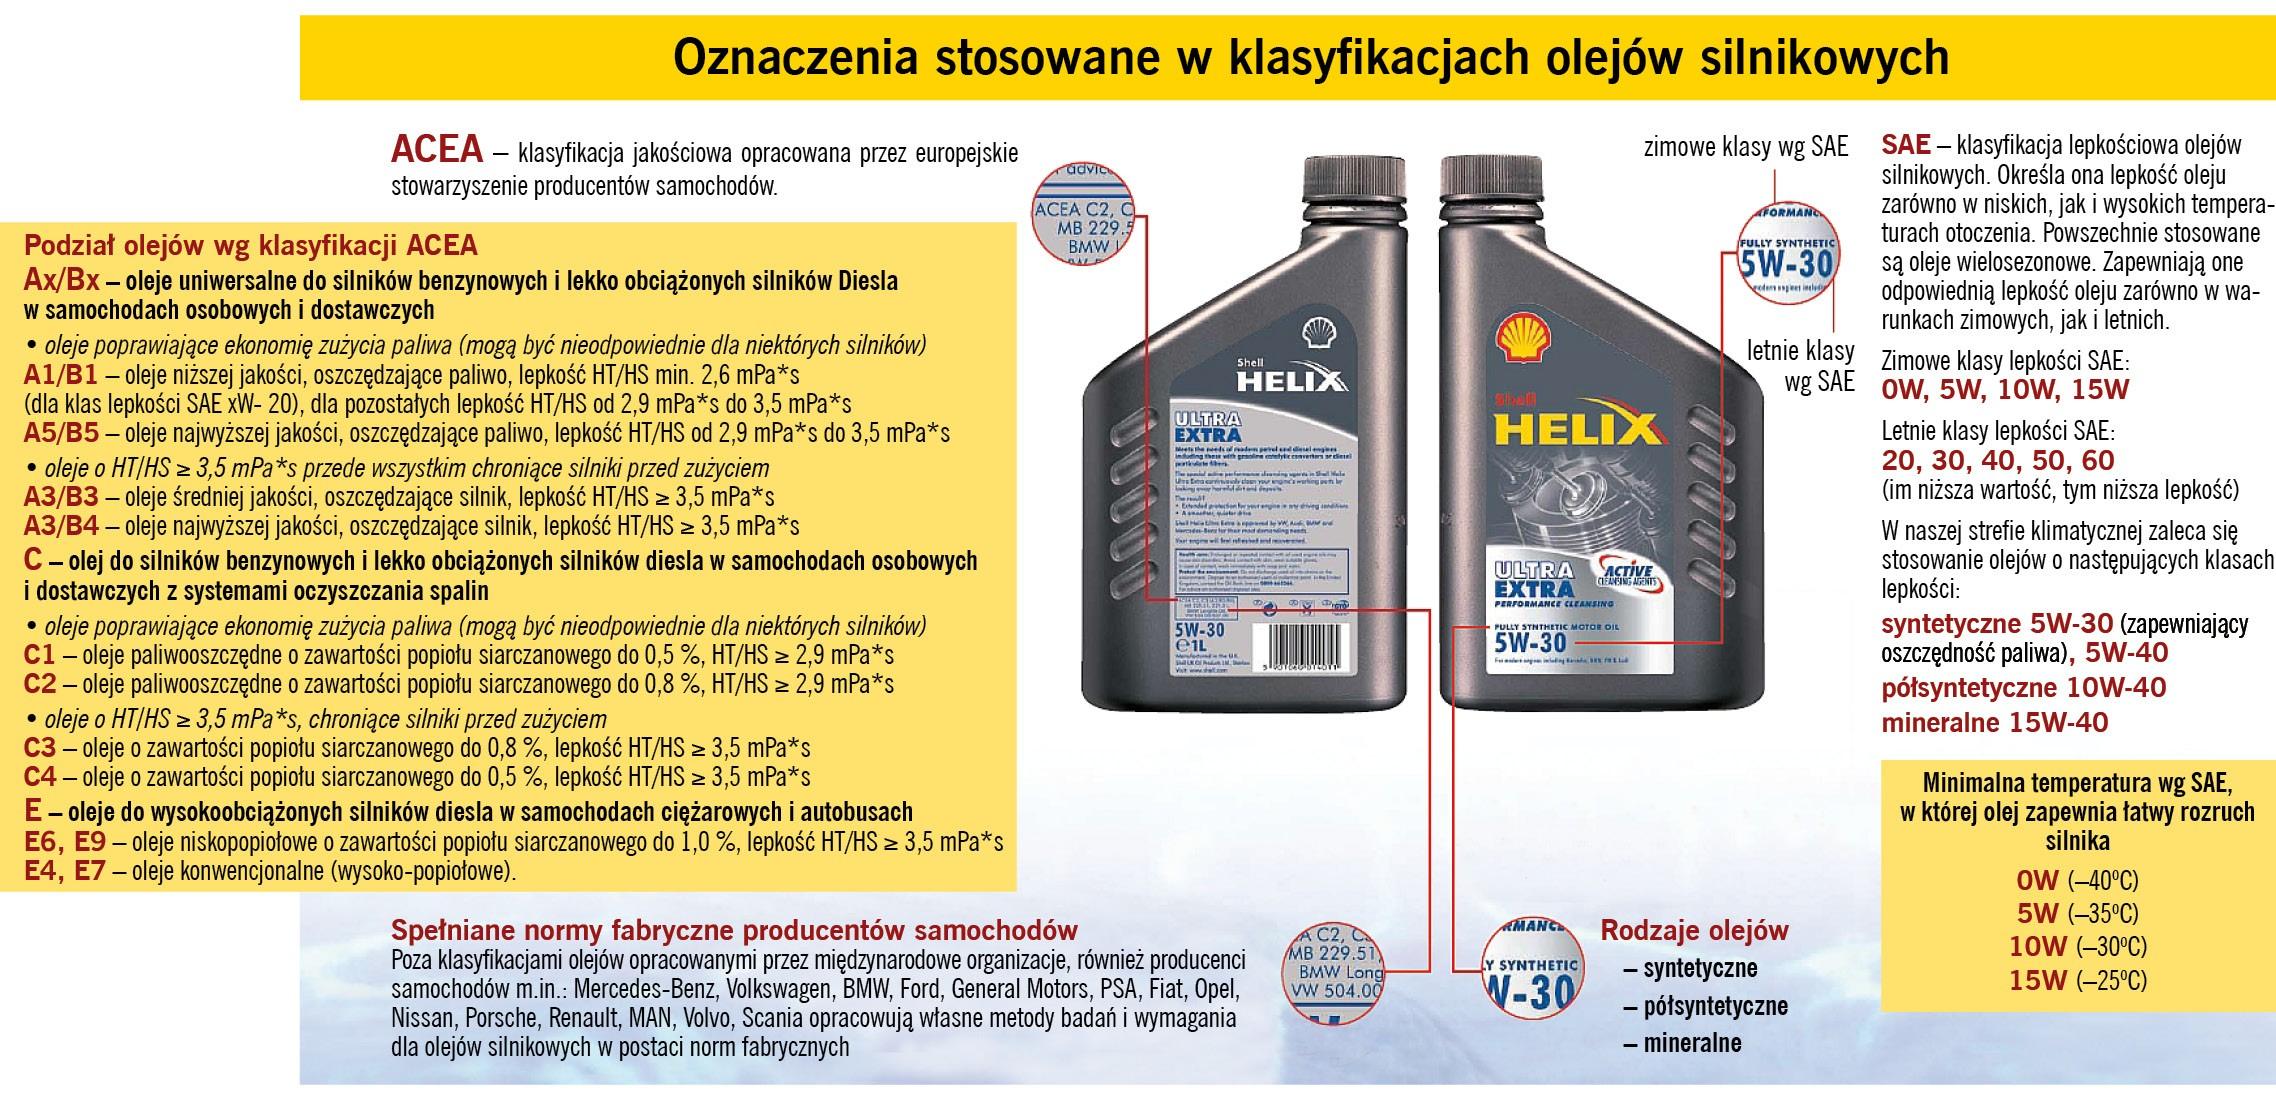 Olej silnikowy dla używanego samochodu